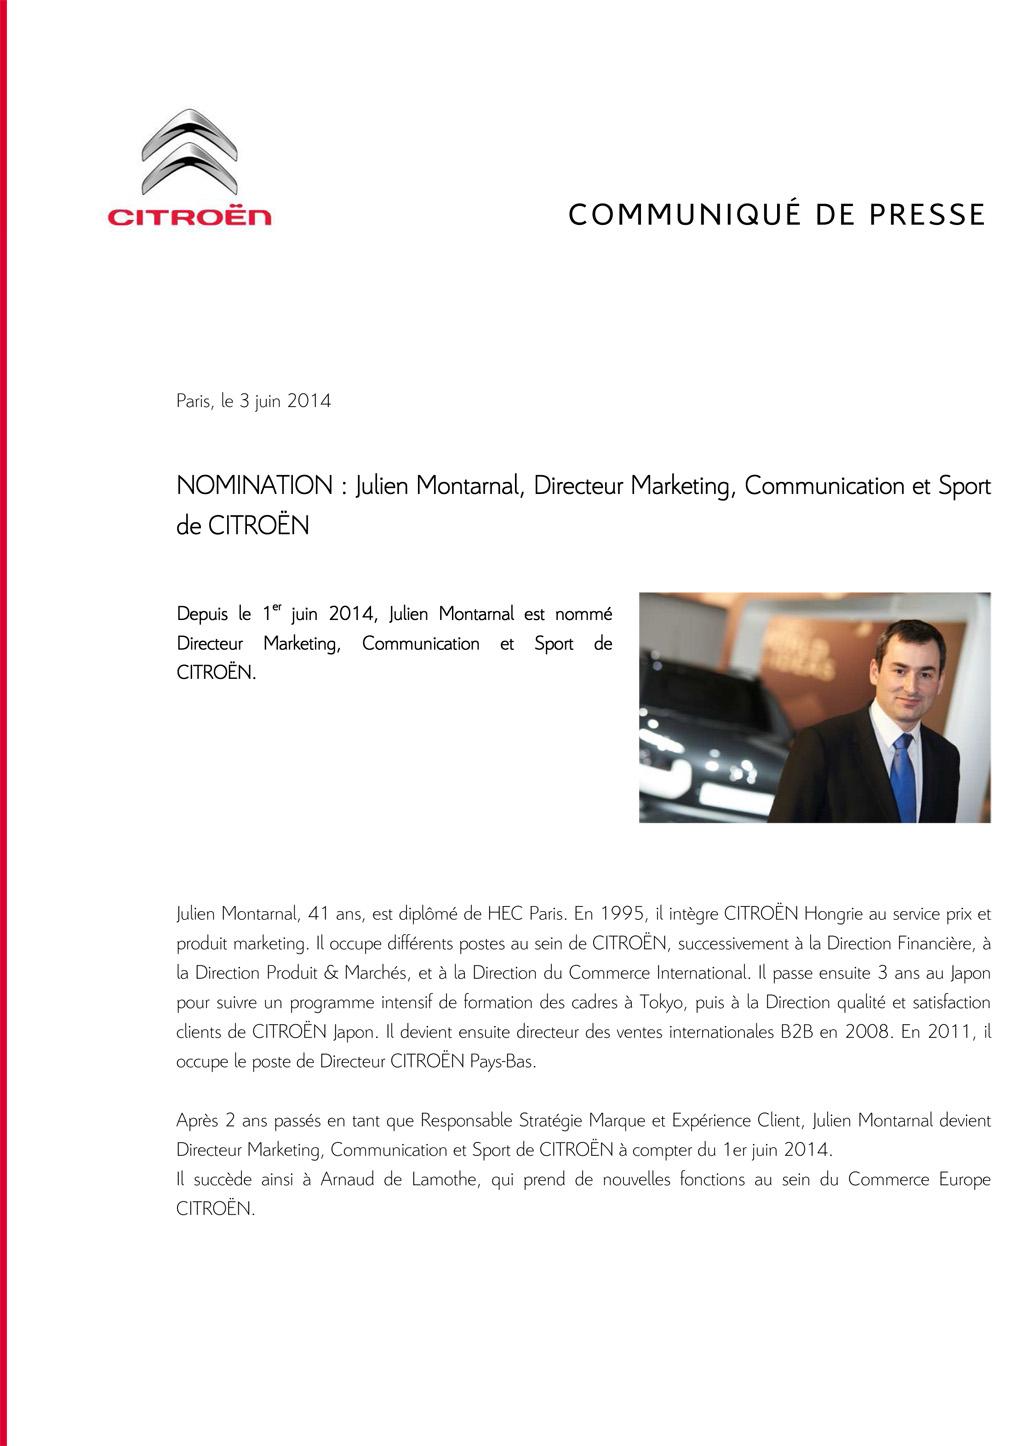 [INFORMATION] Hiérarchie Citroën - Page 8 Cp_nom10